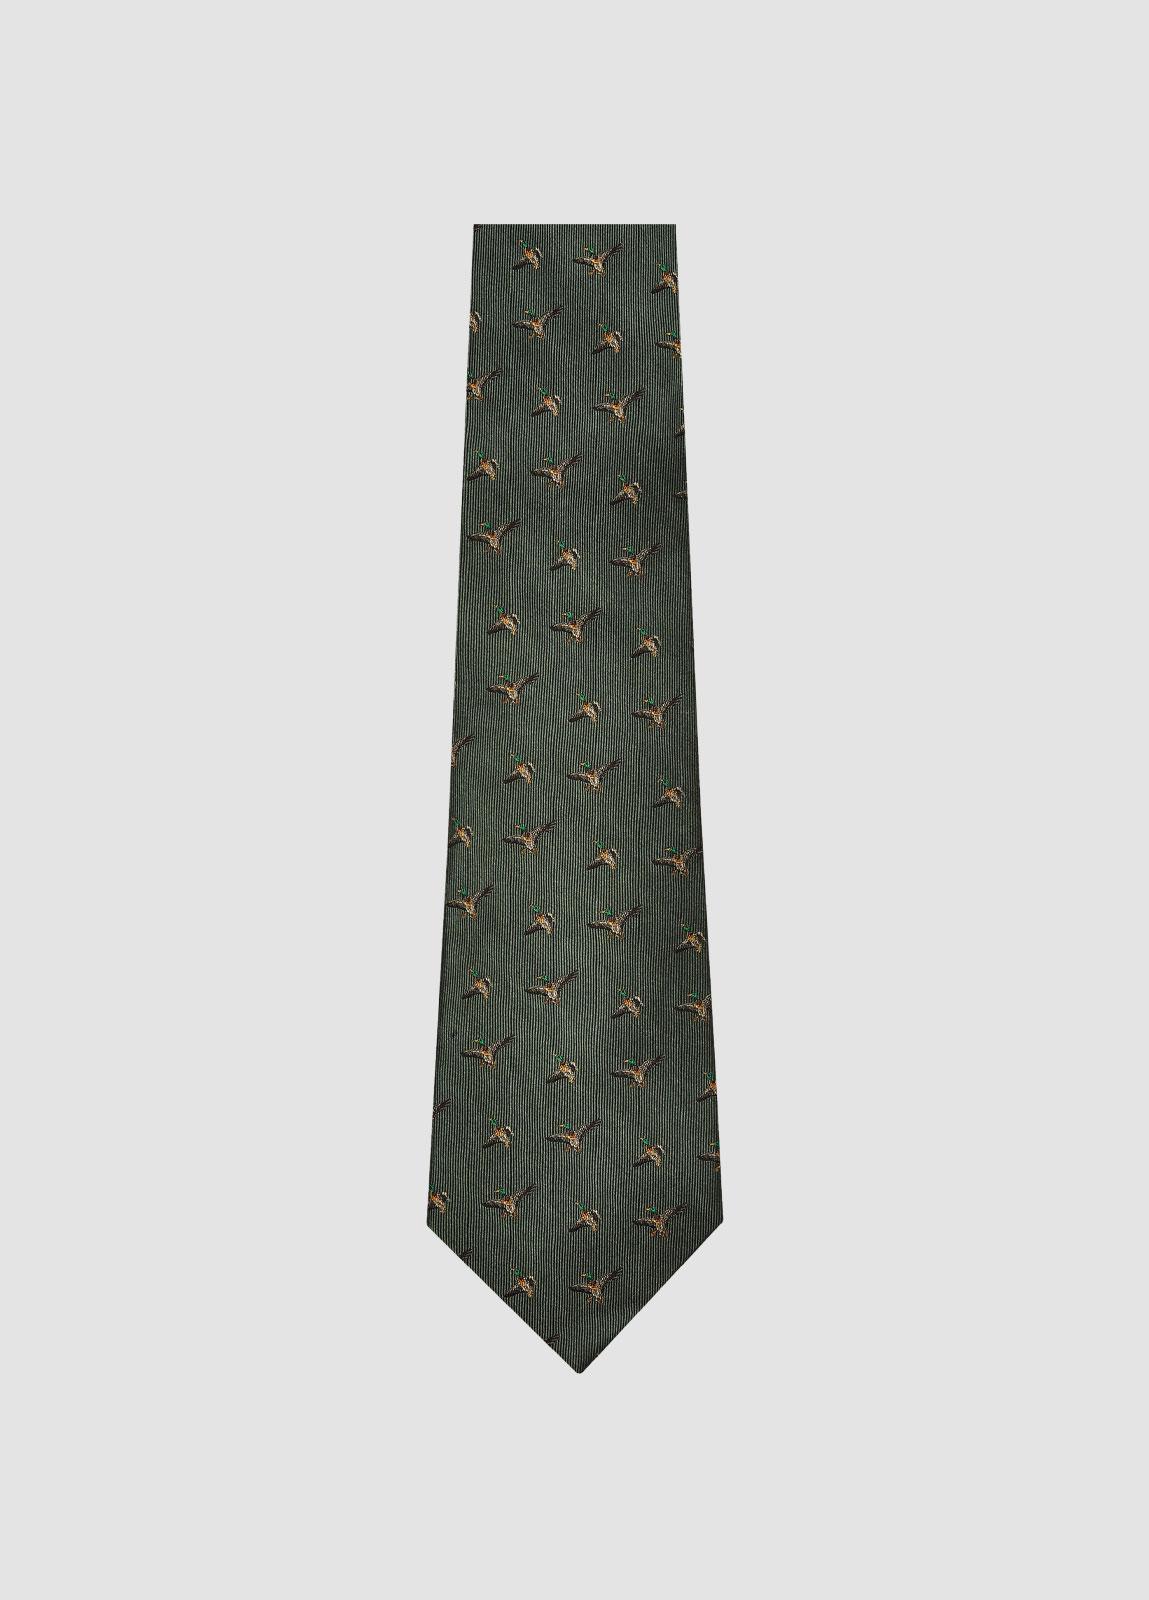 Kilkeevin Silk Tie - Olive